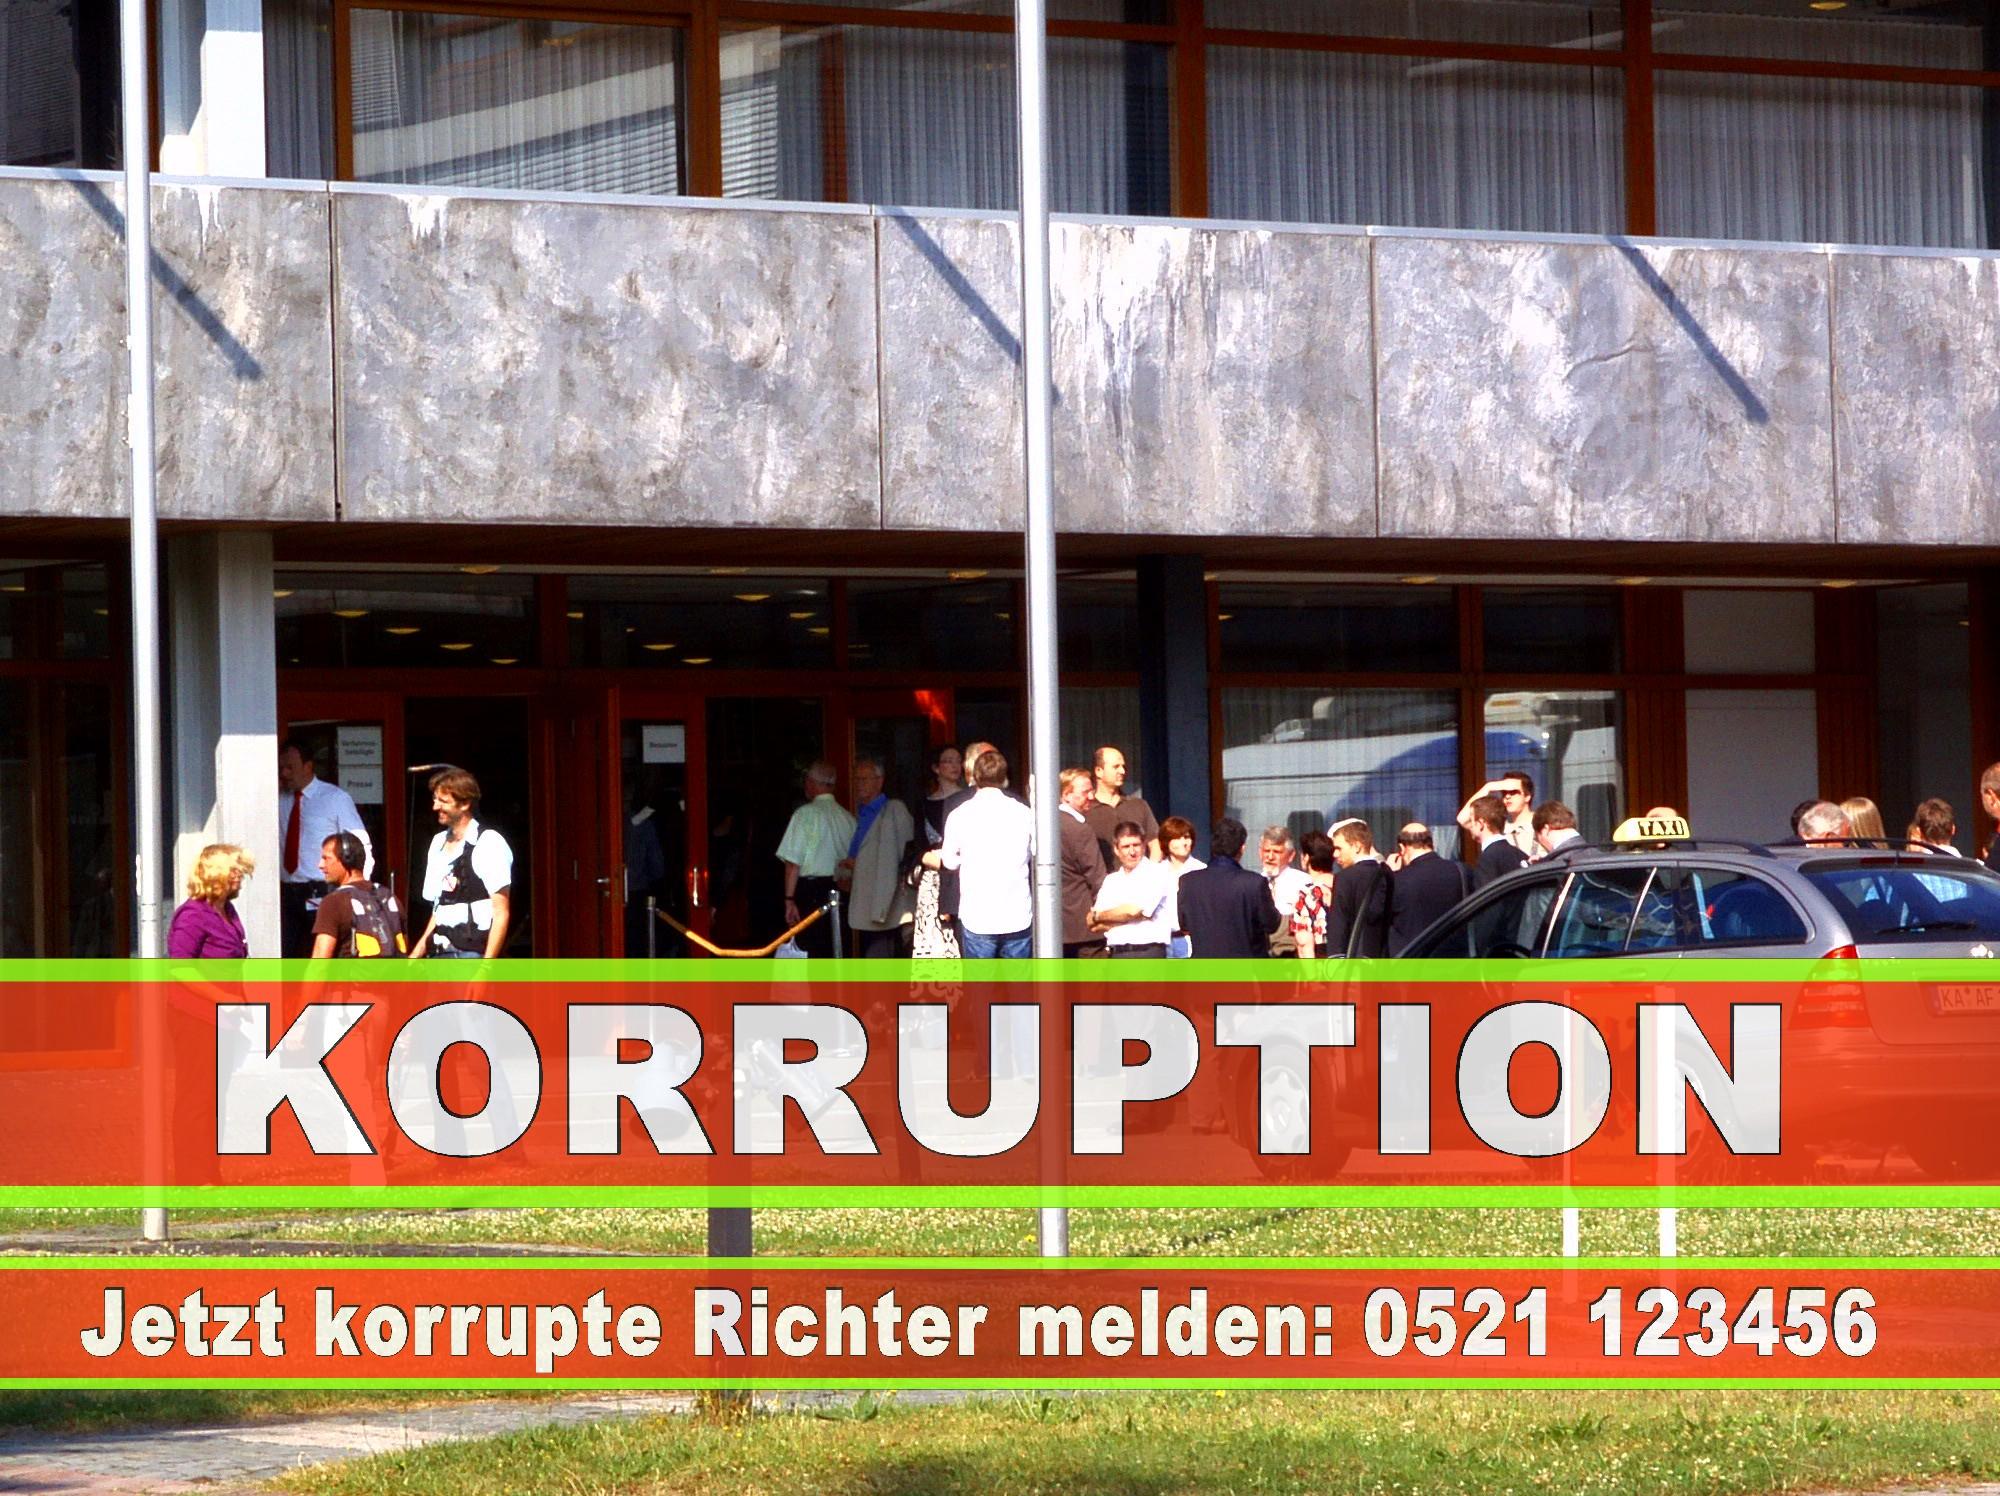 Bundesverfassungsgericht Karlsruhe Richter Korruption Aufgaben Urteile Termine Anfahrt Bilder Fotos Adresse Telefon 7